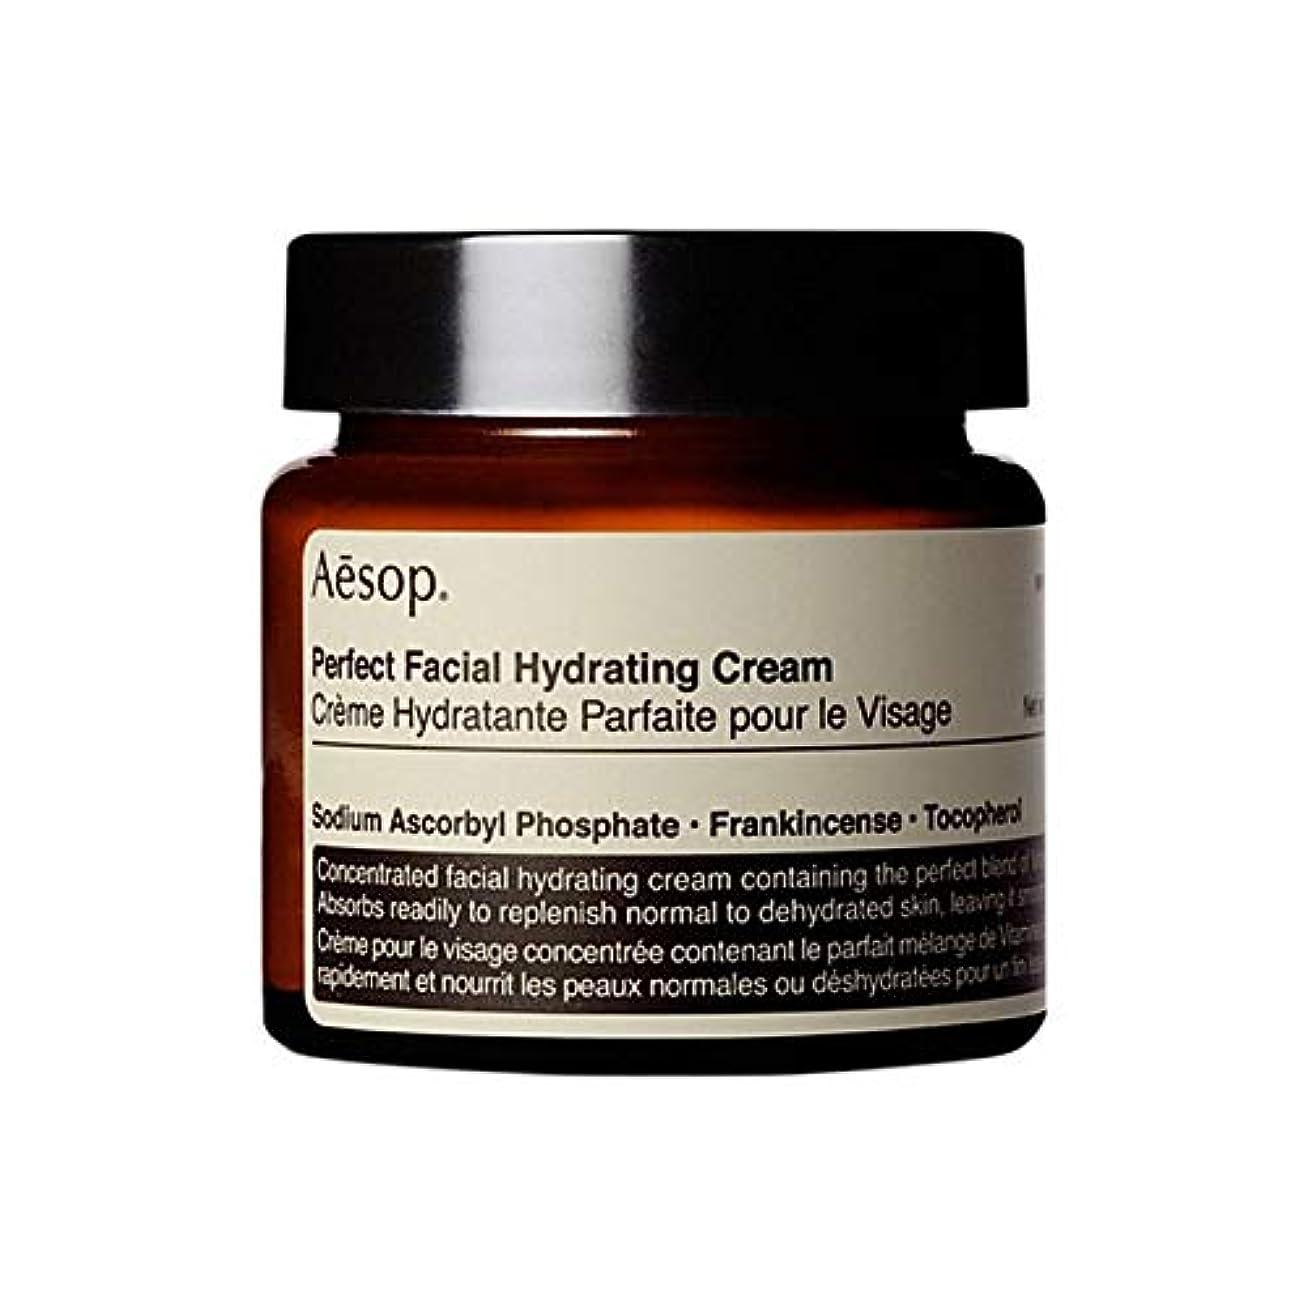 柔和より平らな労働者[Aesop] イソップ完璧な顔の水和クリーム60ミリリットル - Aesop Perfect Facial Hydrating Cream 60ml [並行輸入品]